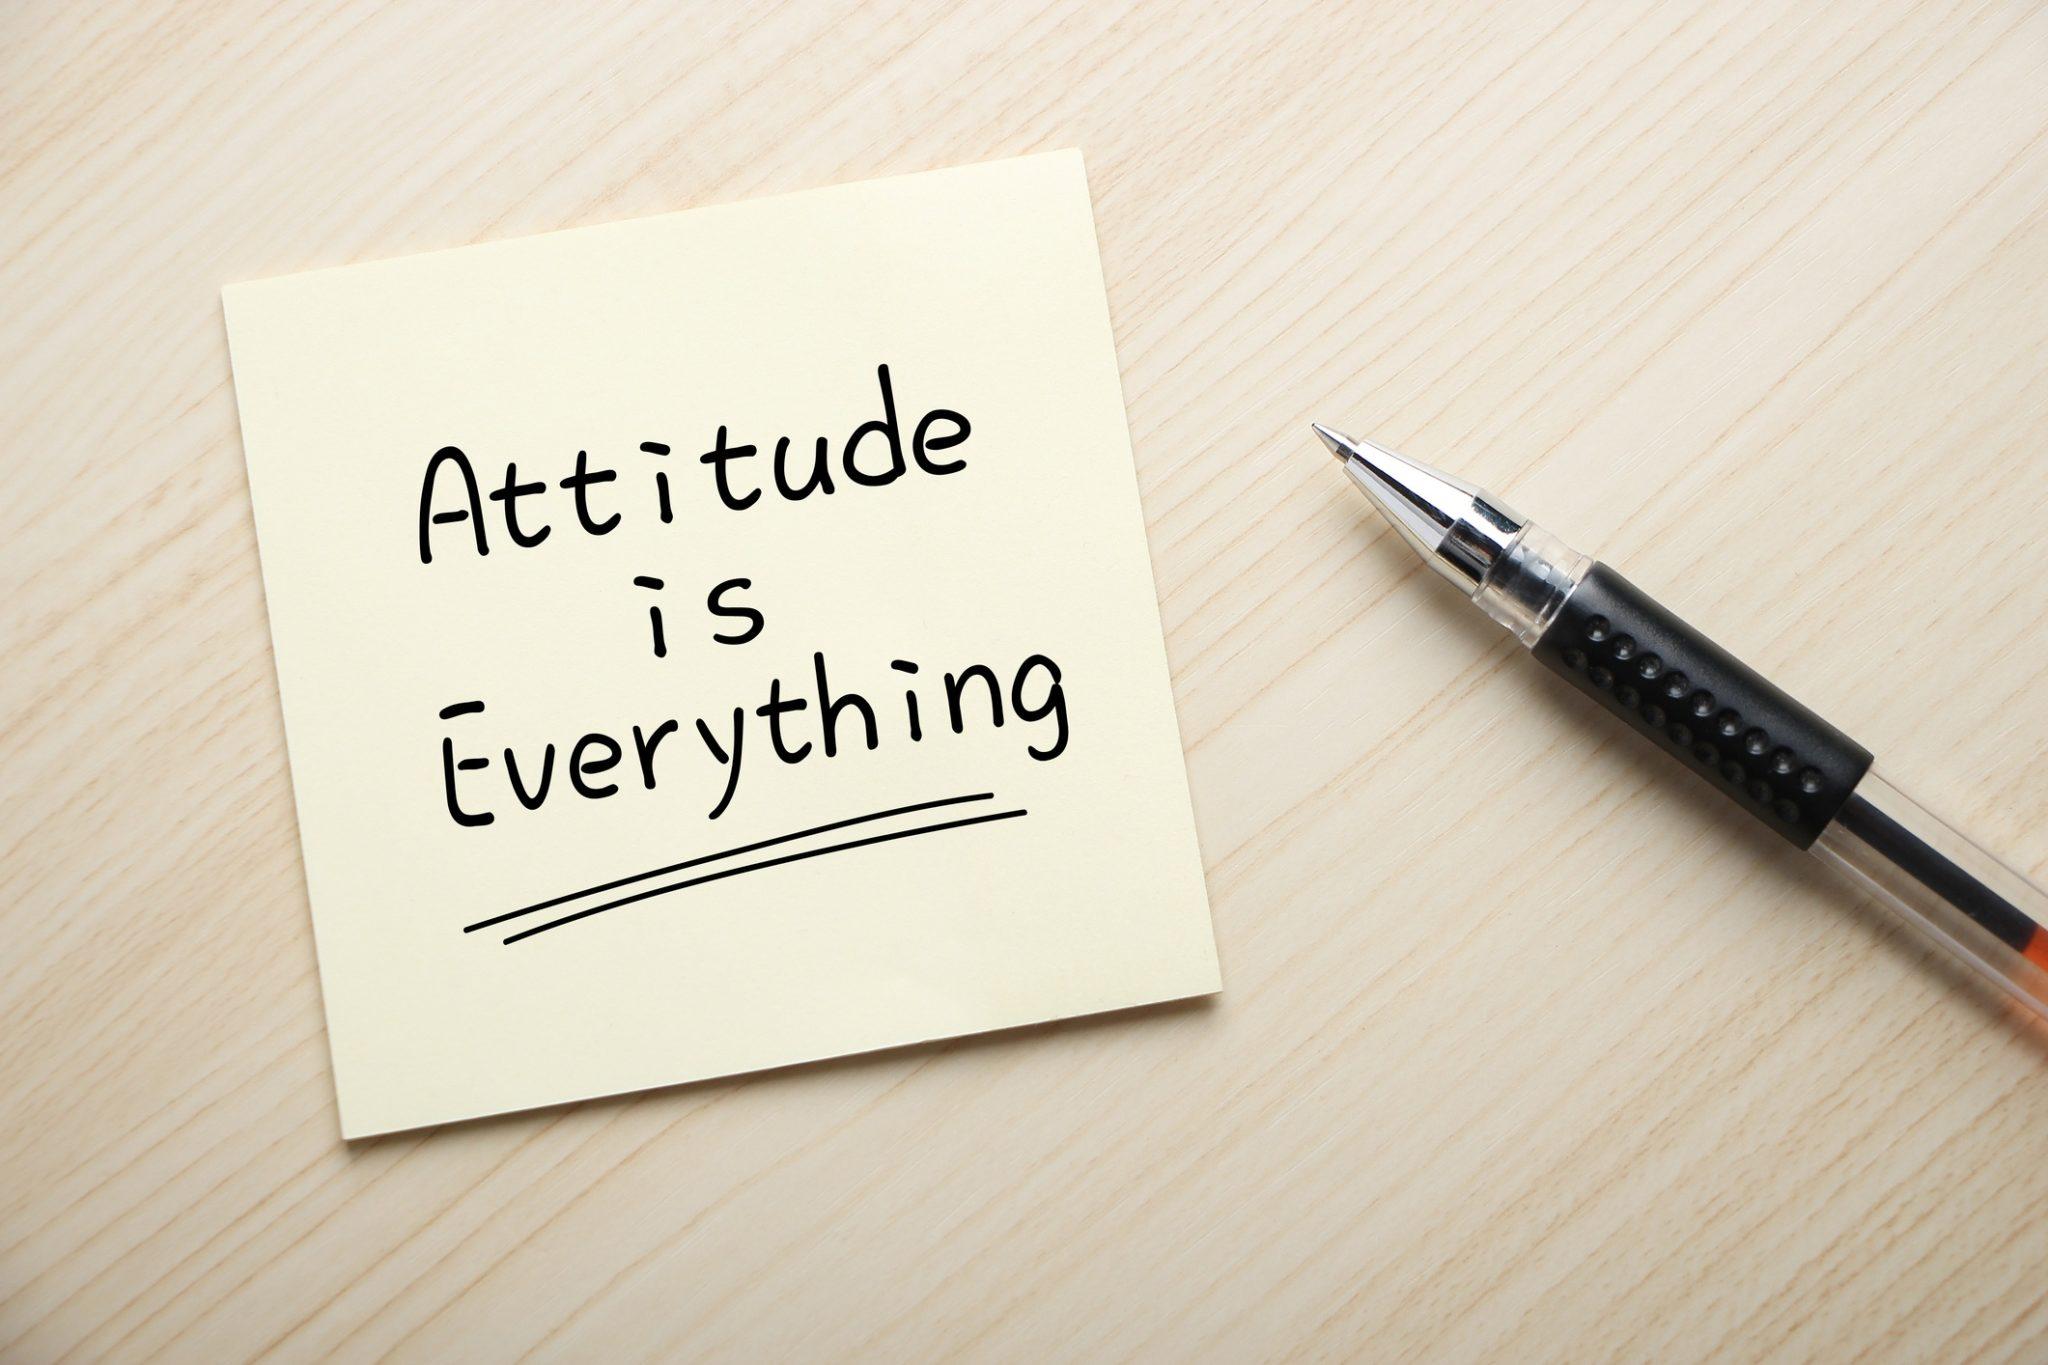 Developing Positive Attitude